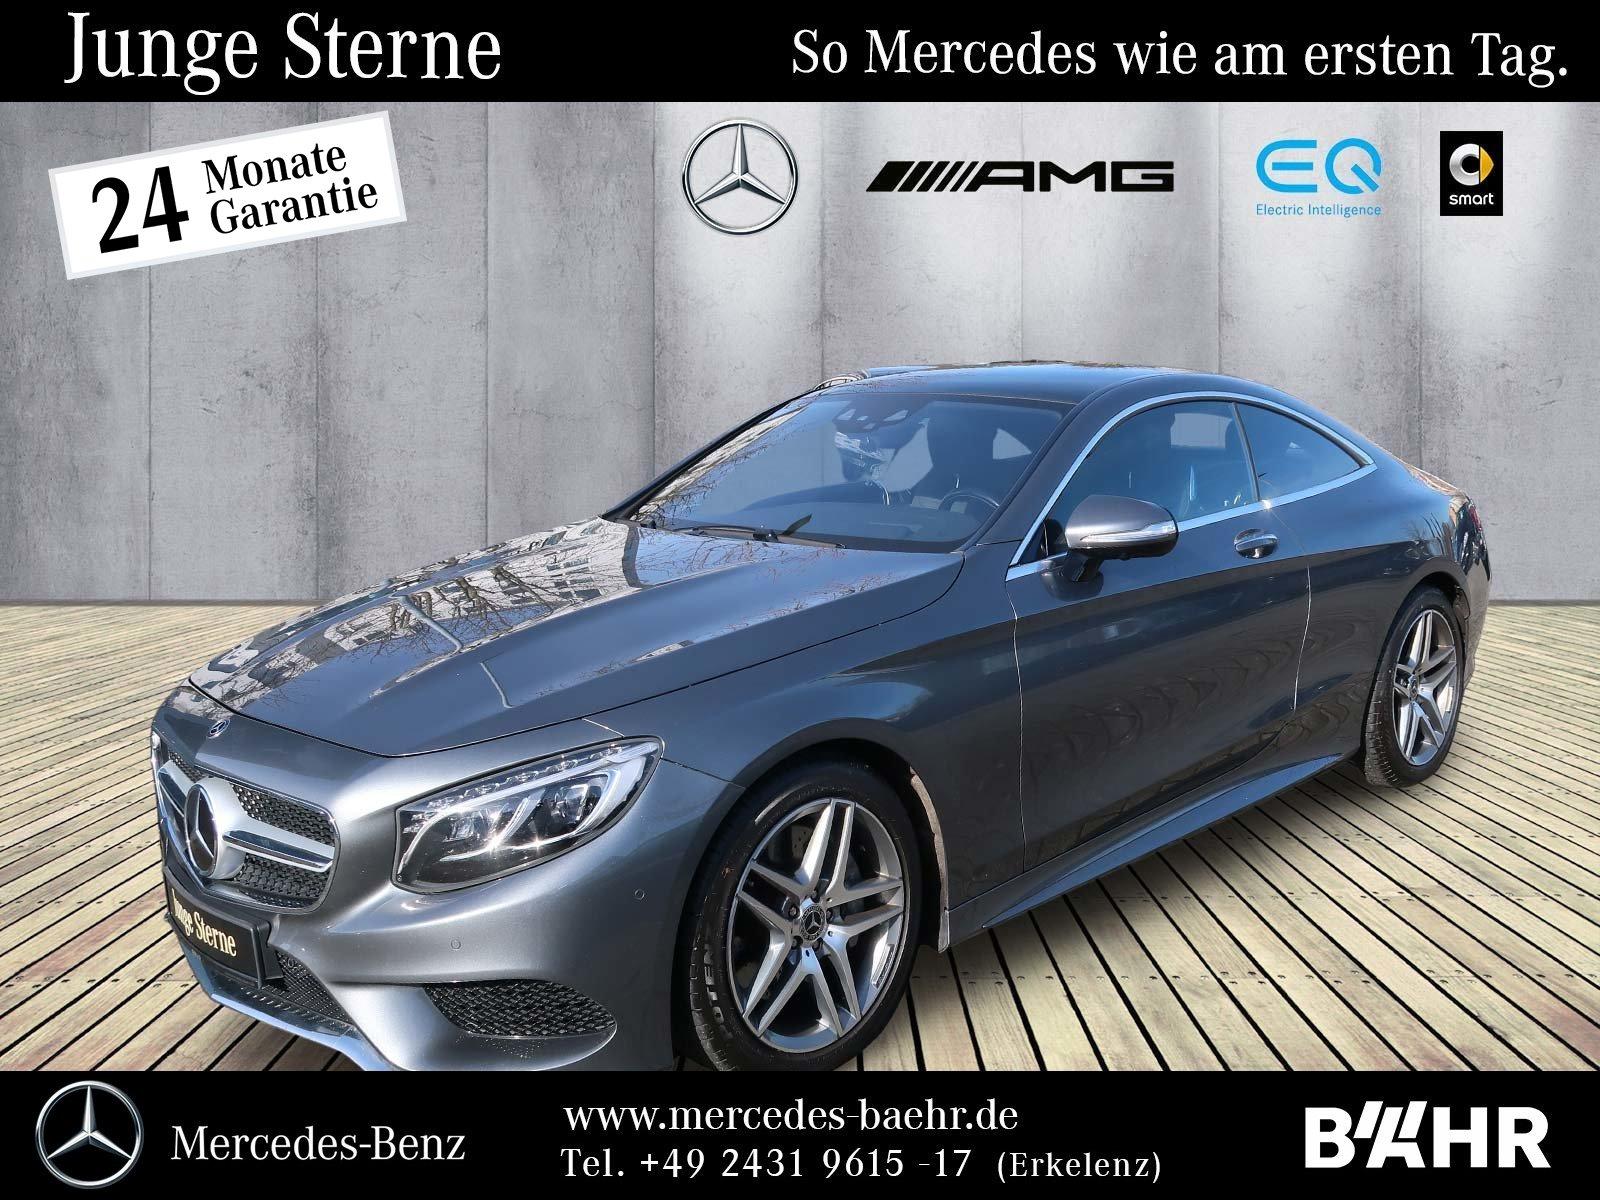 Mercedes-Benz S 500 4M Coupé AMG/Comand/ILS/Standheizung/LMR19, Jahr 2017, Benzin